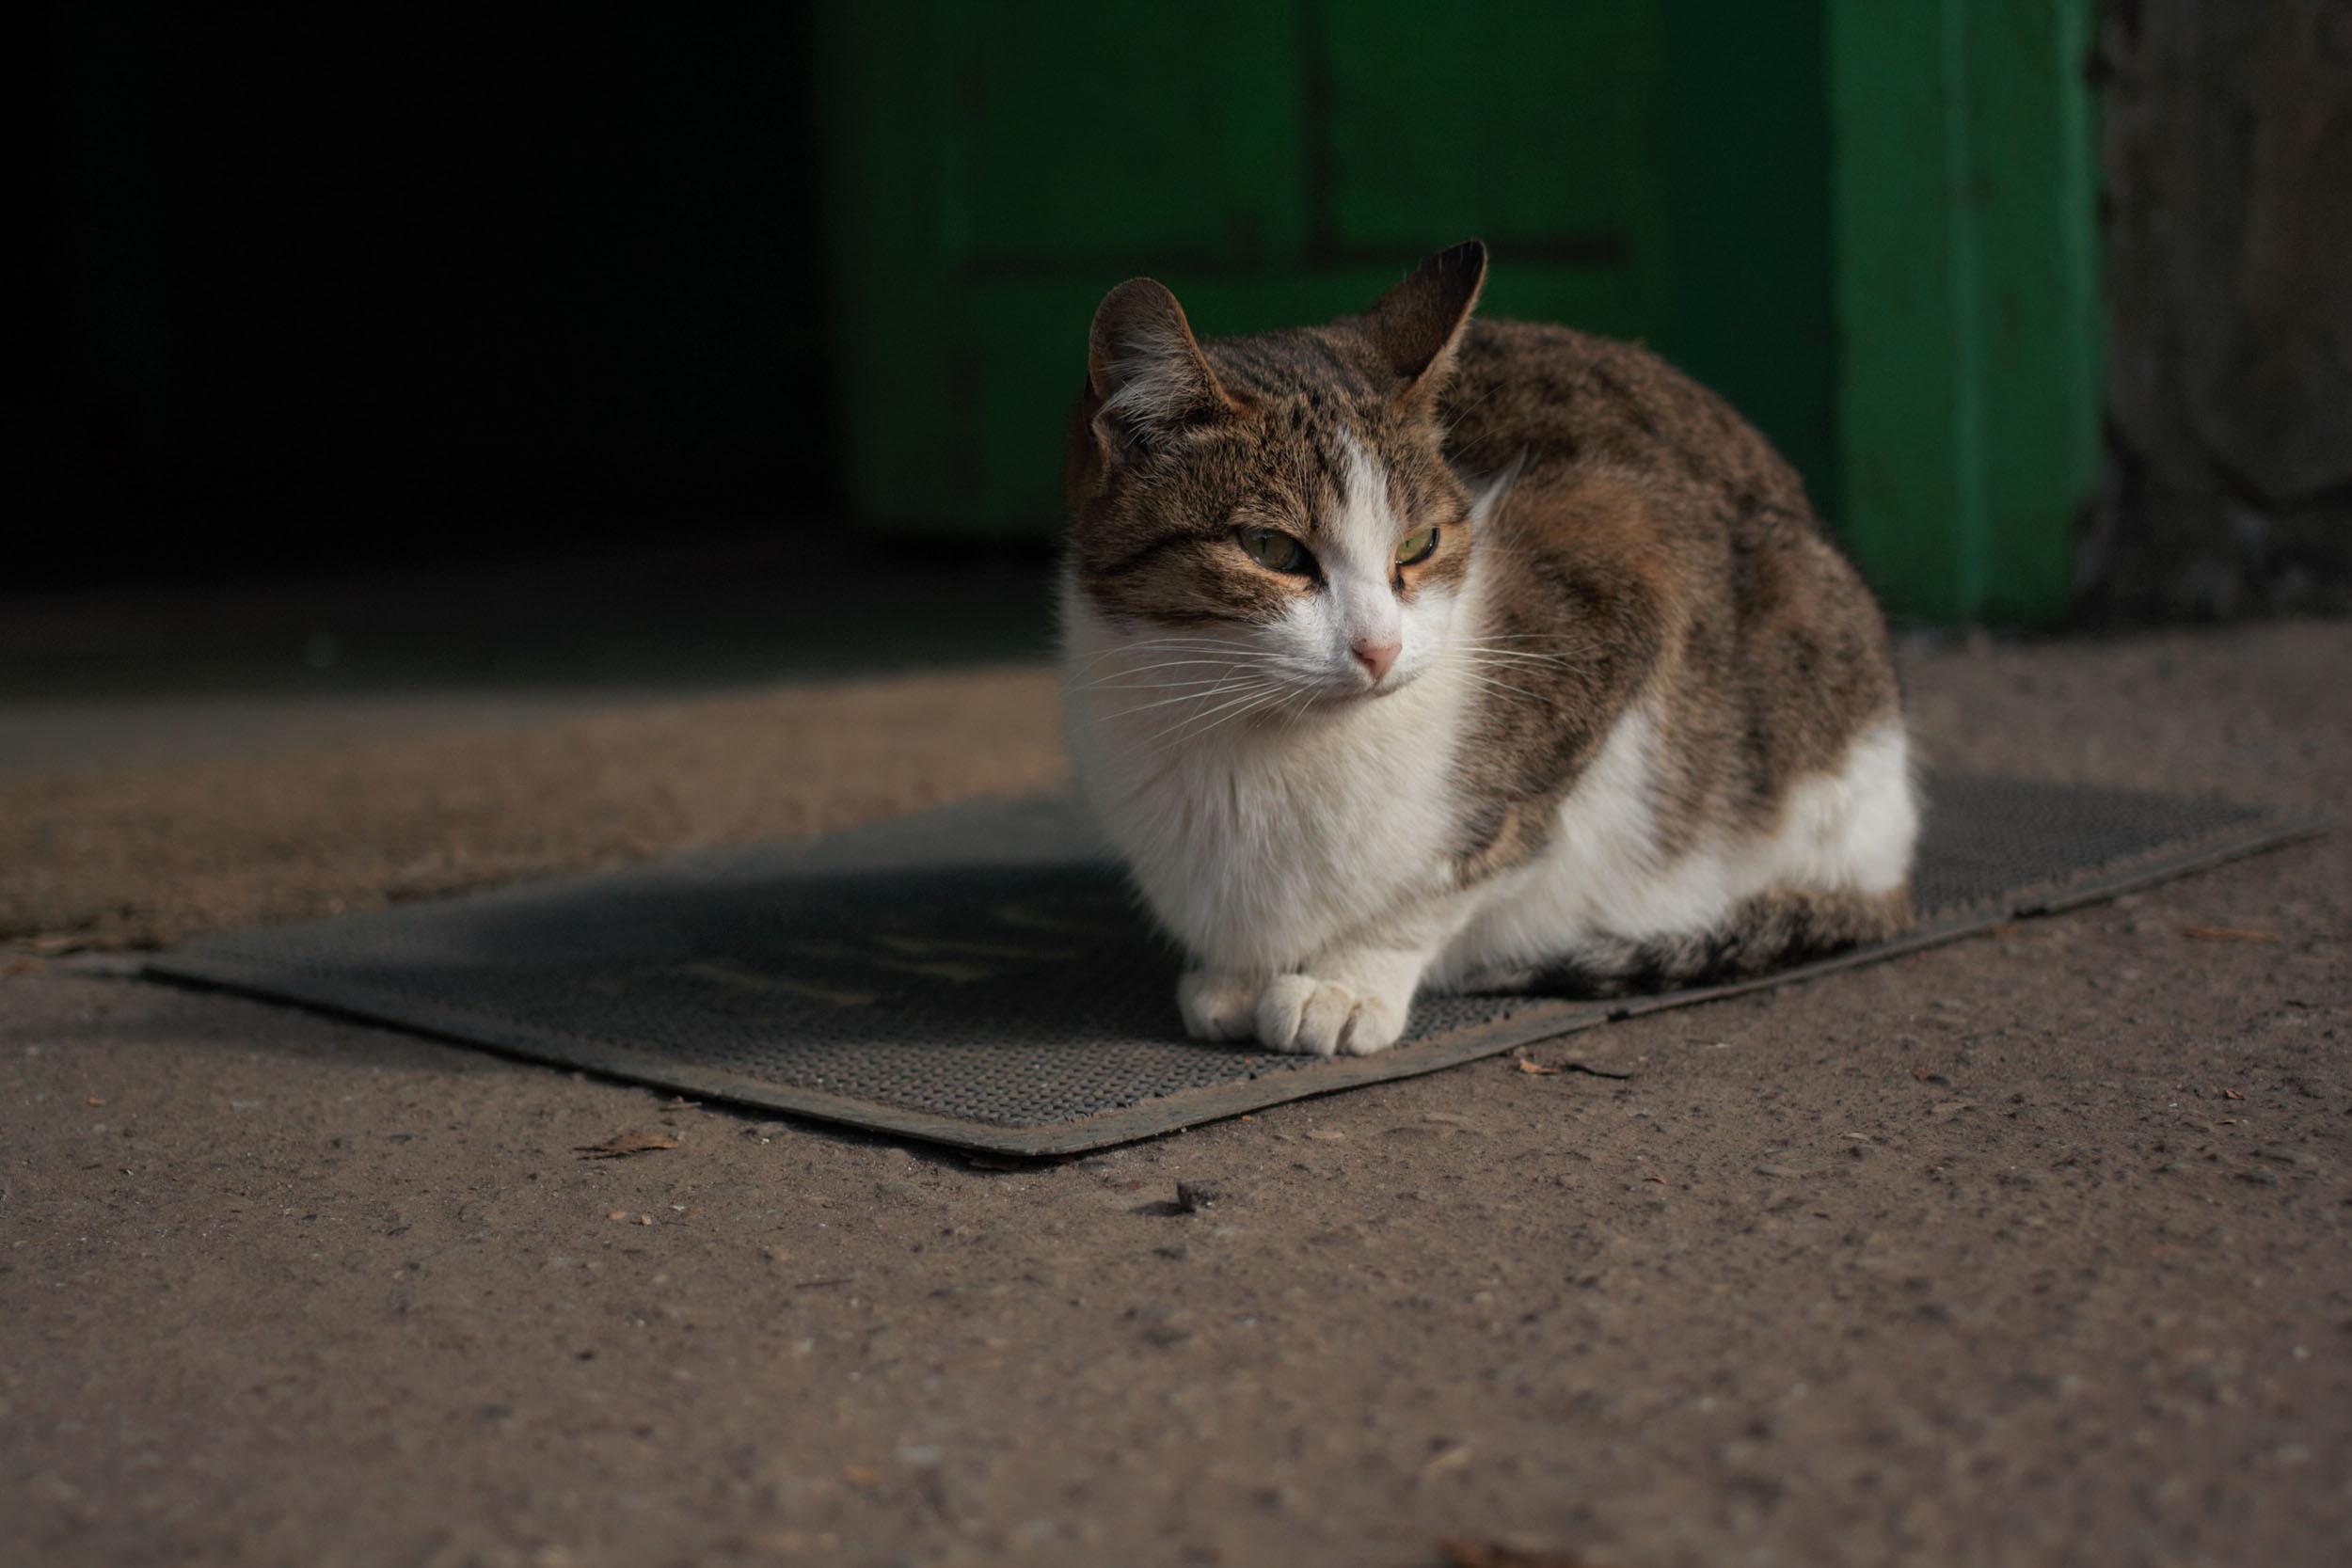 cat portrait on doormat